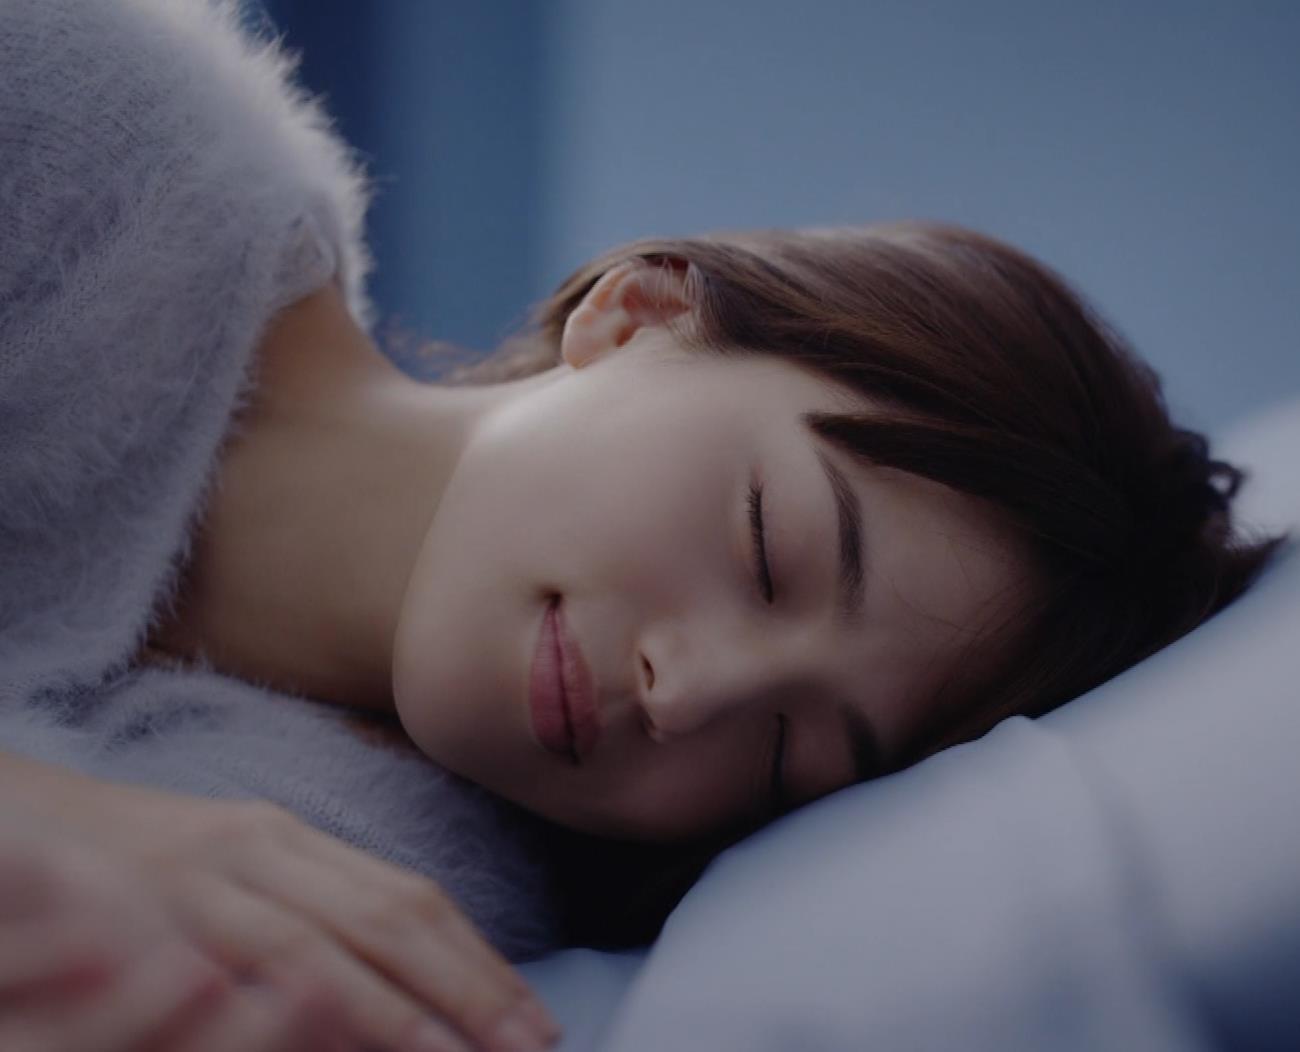 川口春奈 太ももがエロ過ぎCMキャプ・エロ画像10